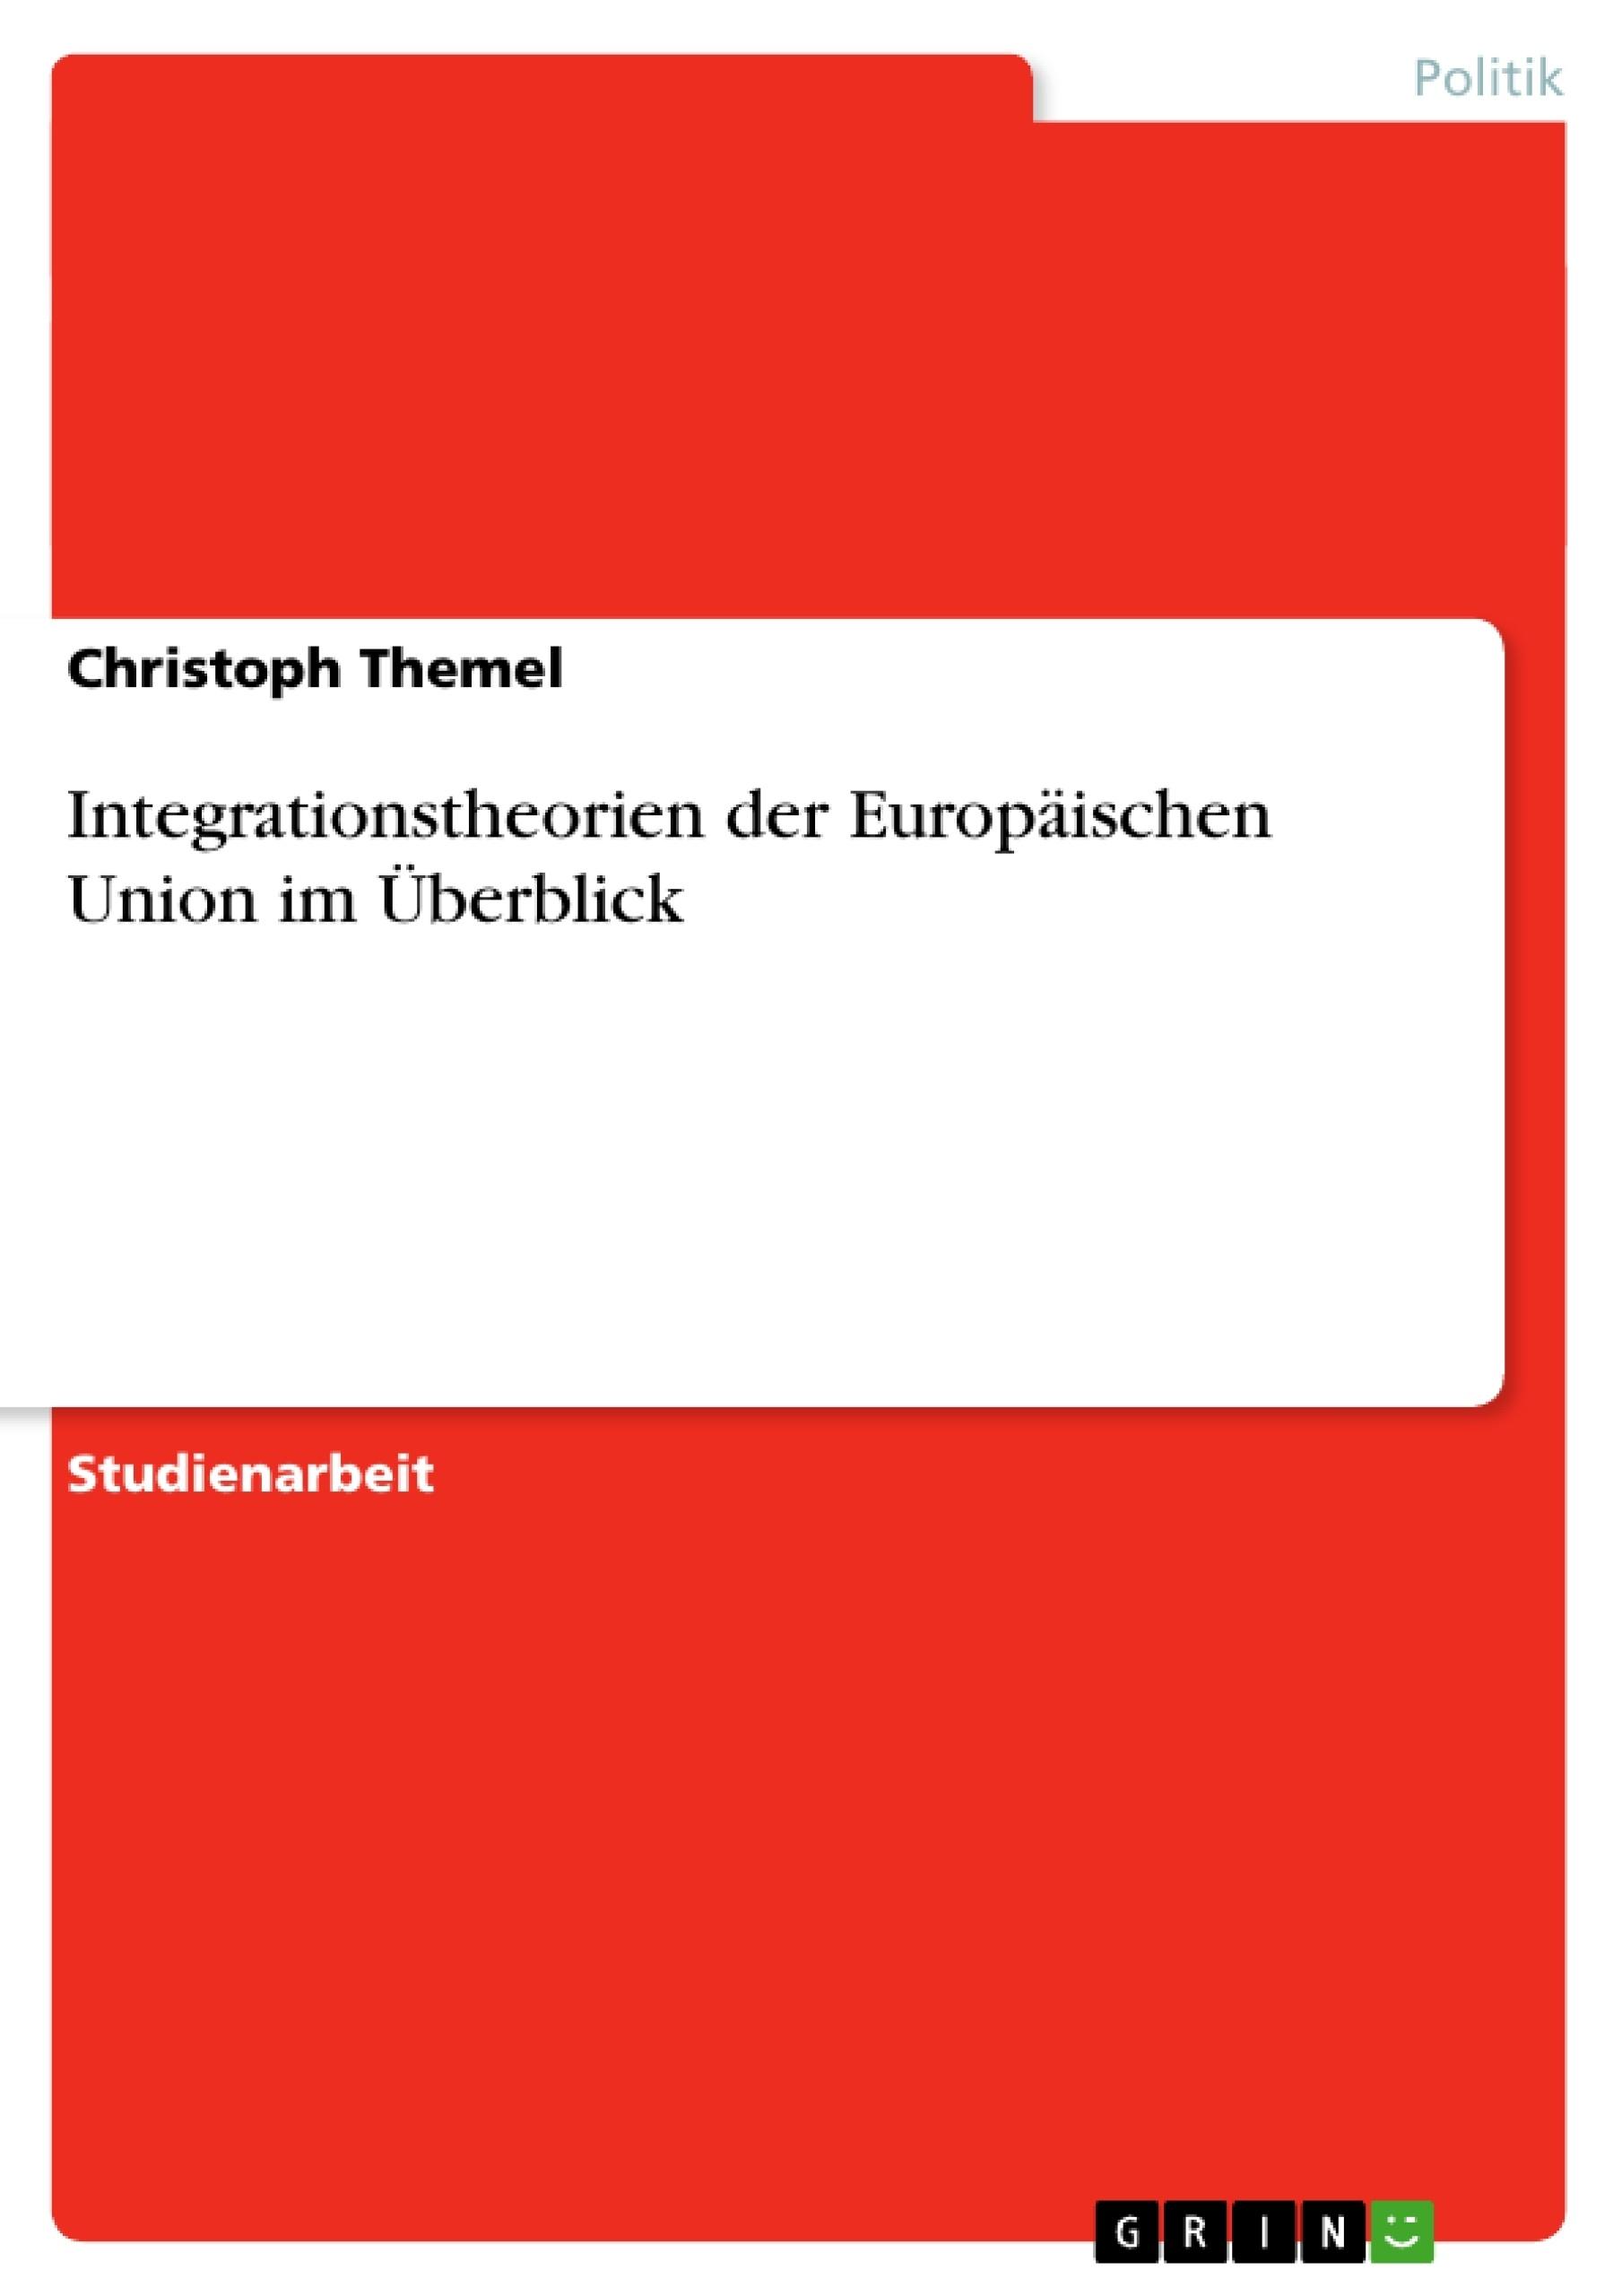 Titel: Integrationstheorien der Europäischen Union im Überblick